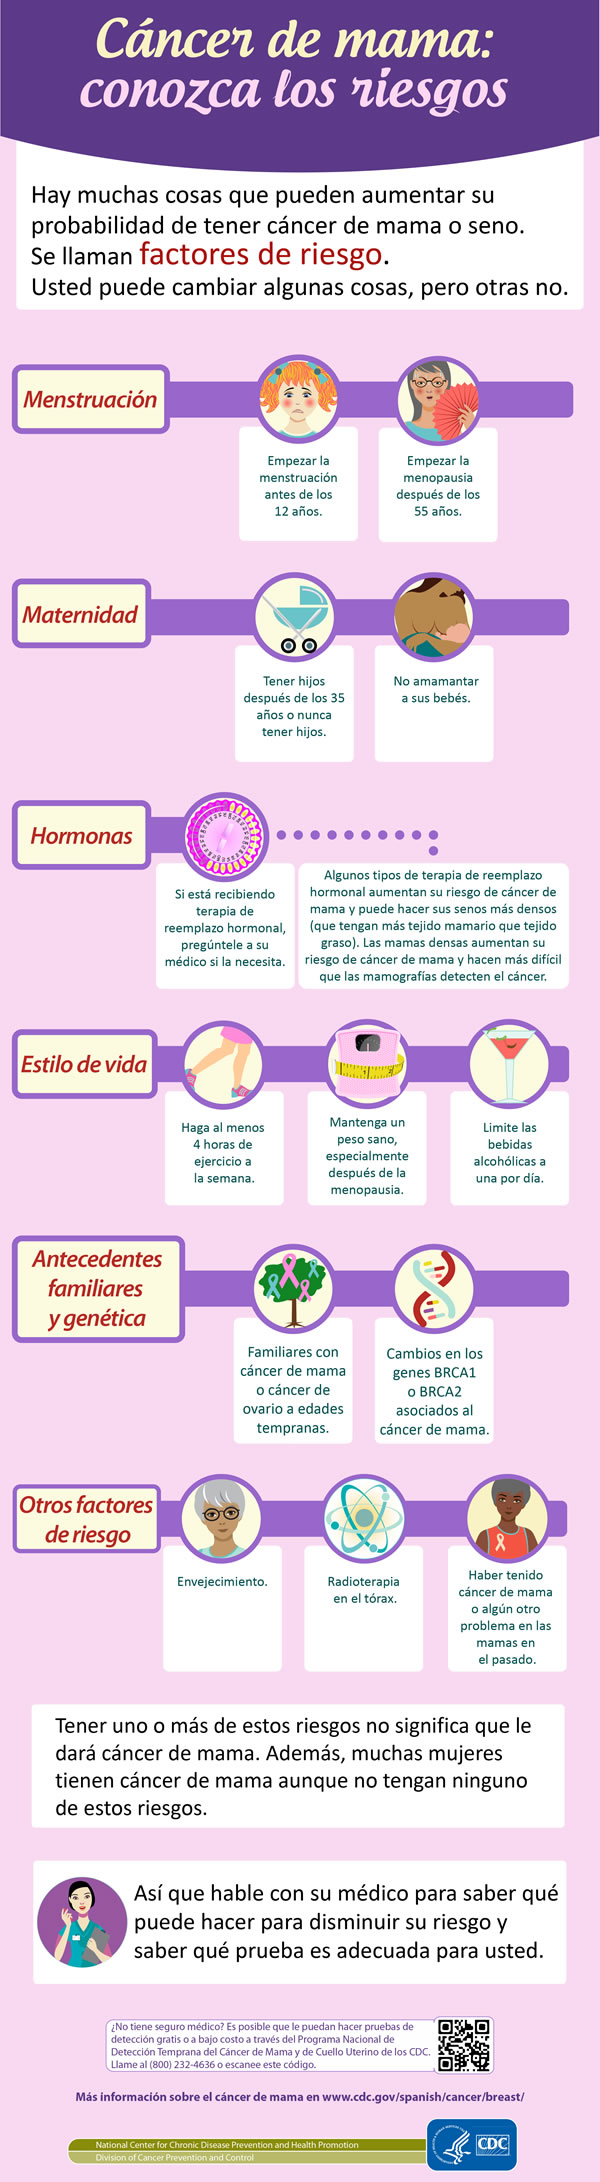 Cáncer de mama: conozca los riesgos